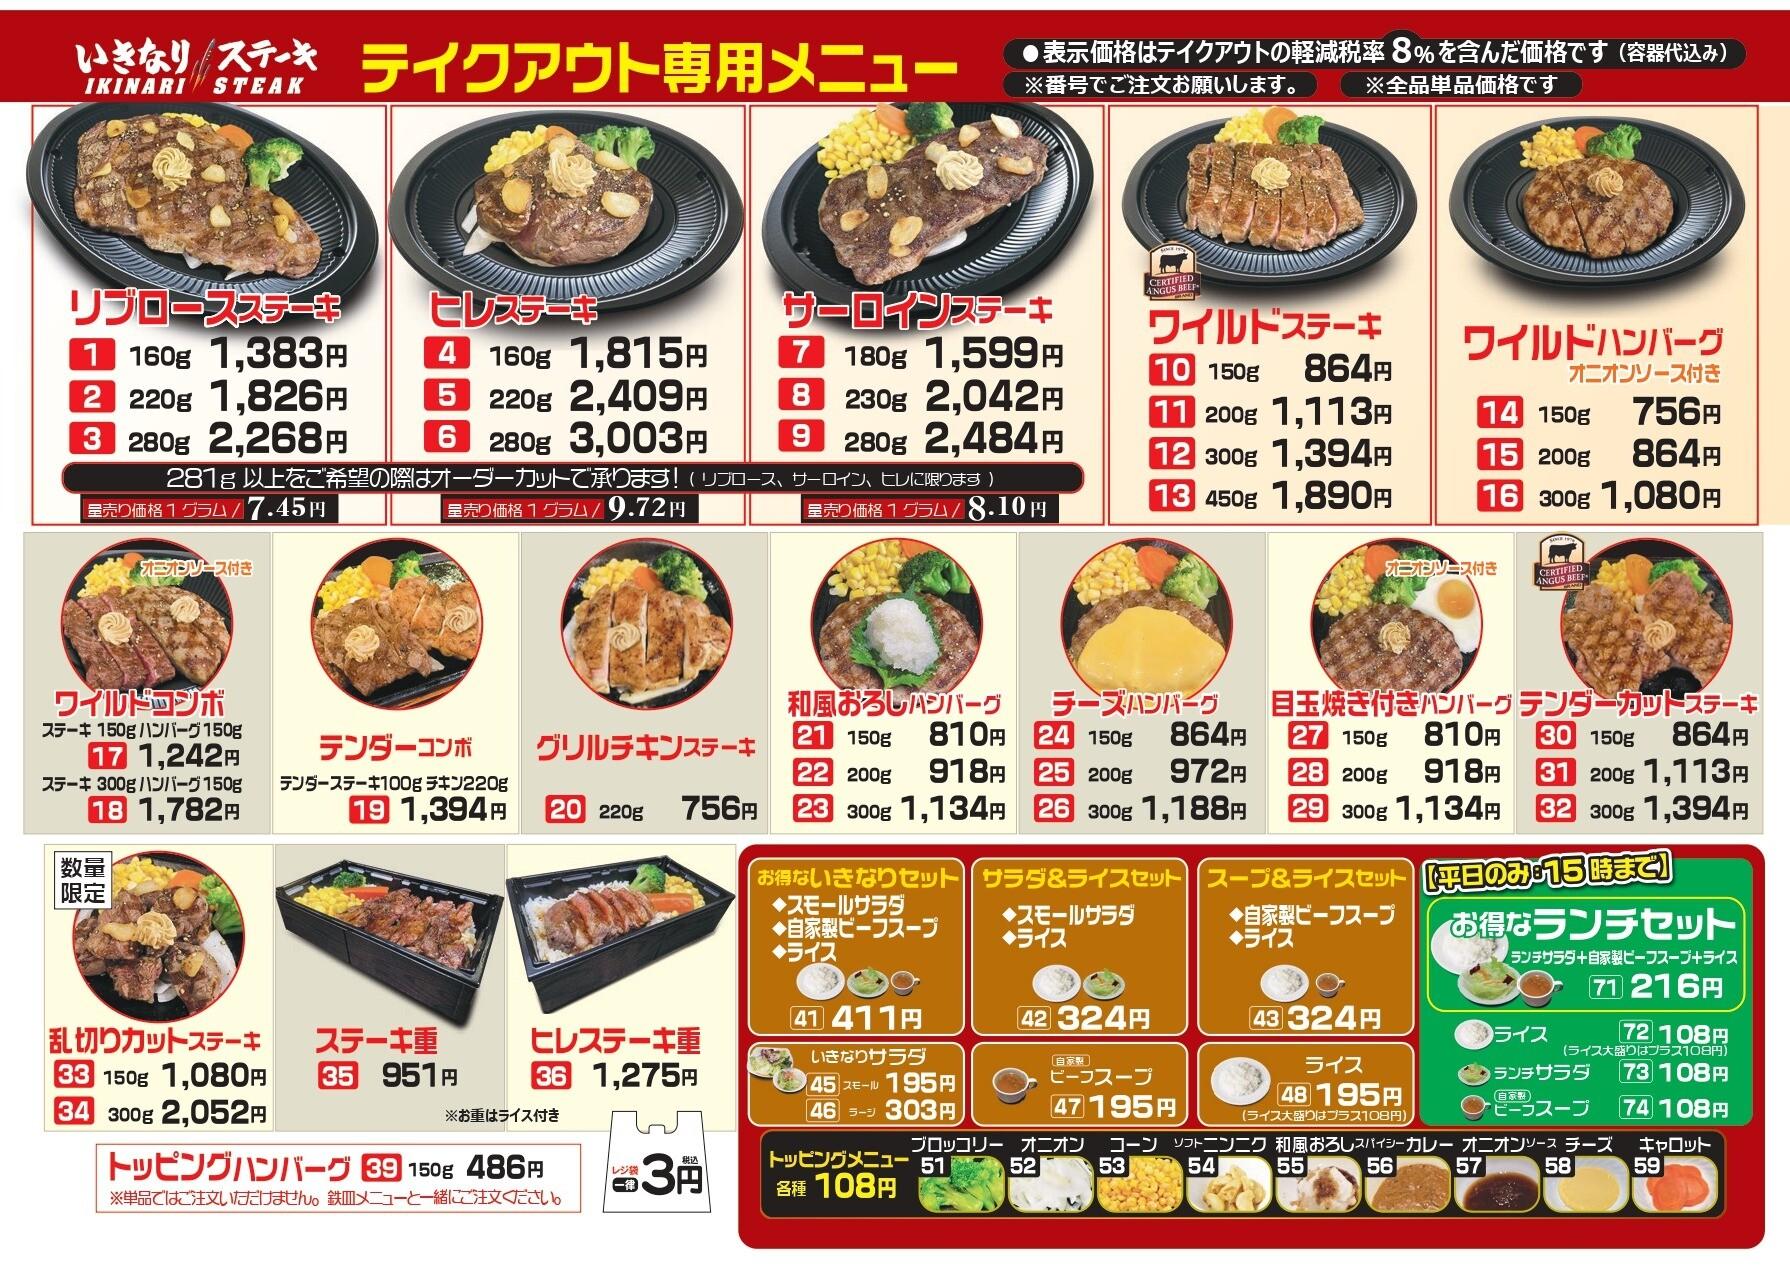 【いきなりステーキ】テイクアウトメニュー